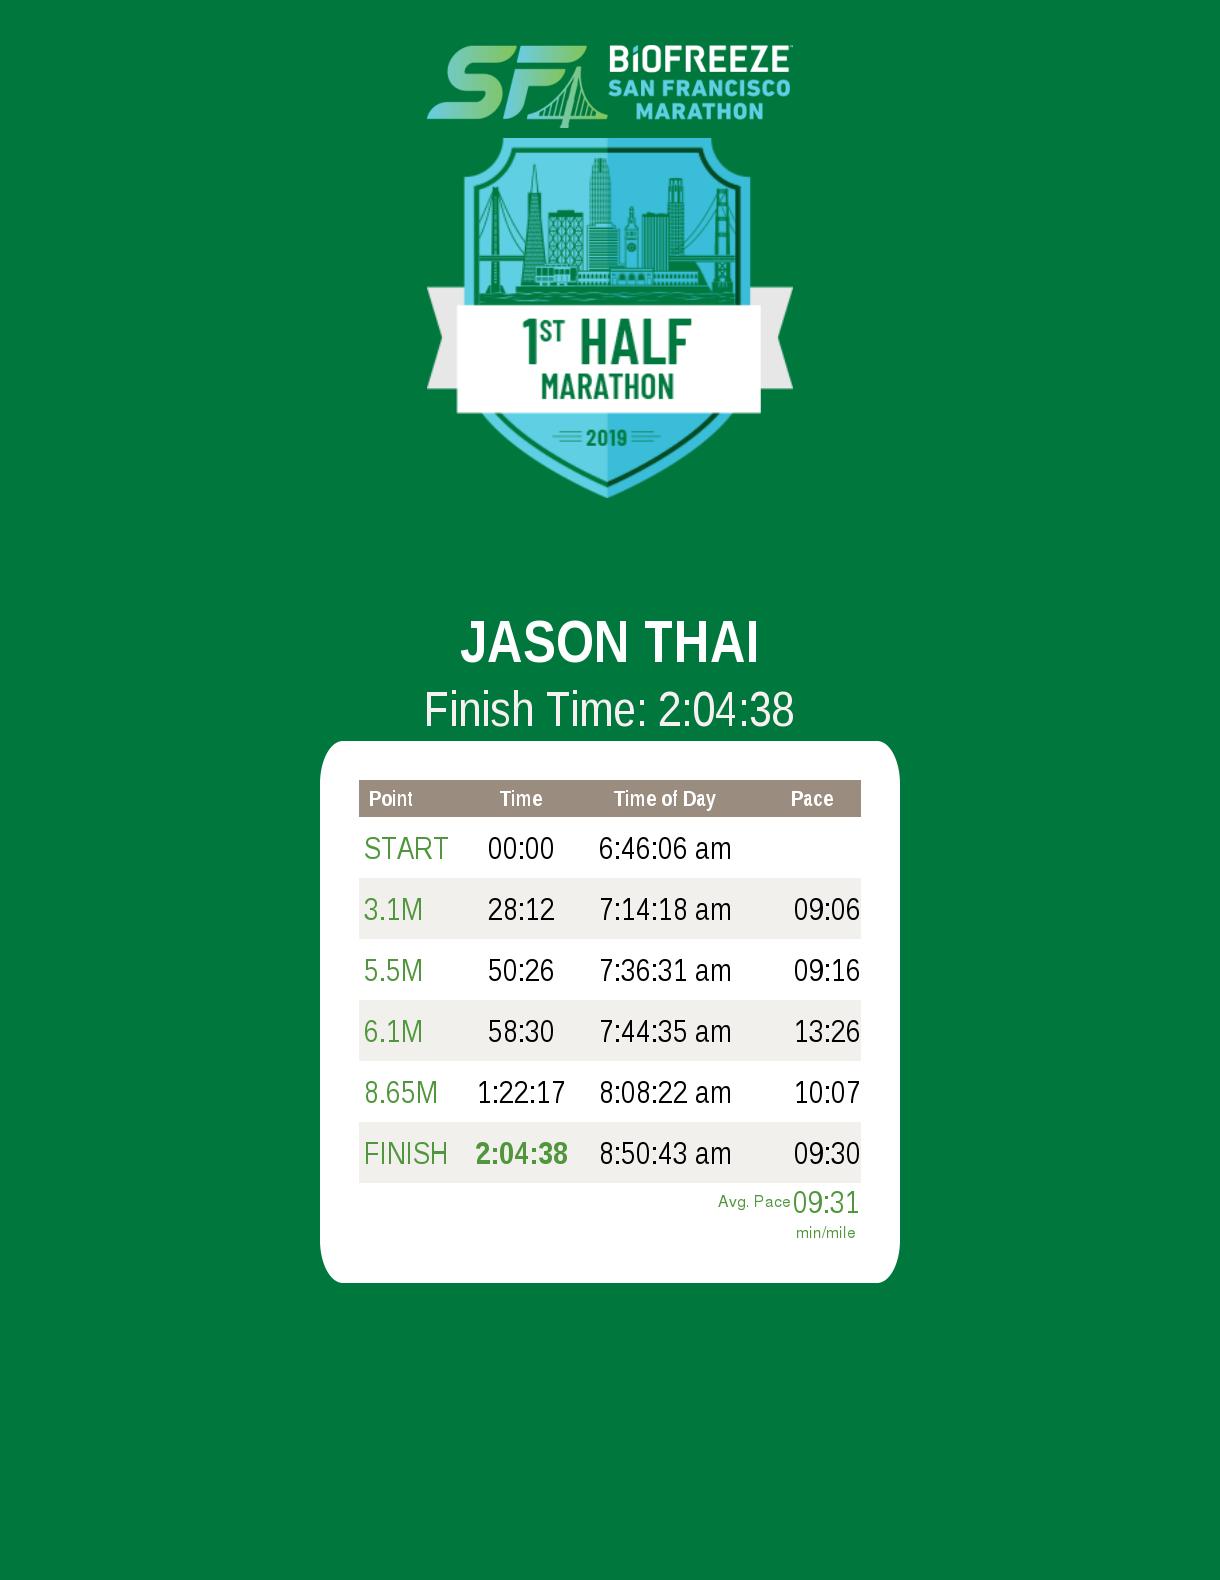 half marathon result